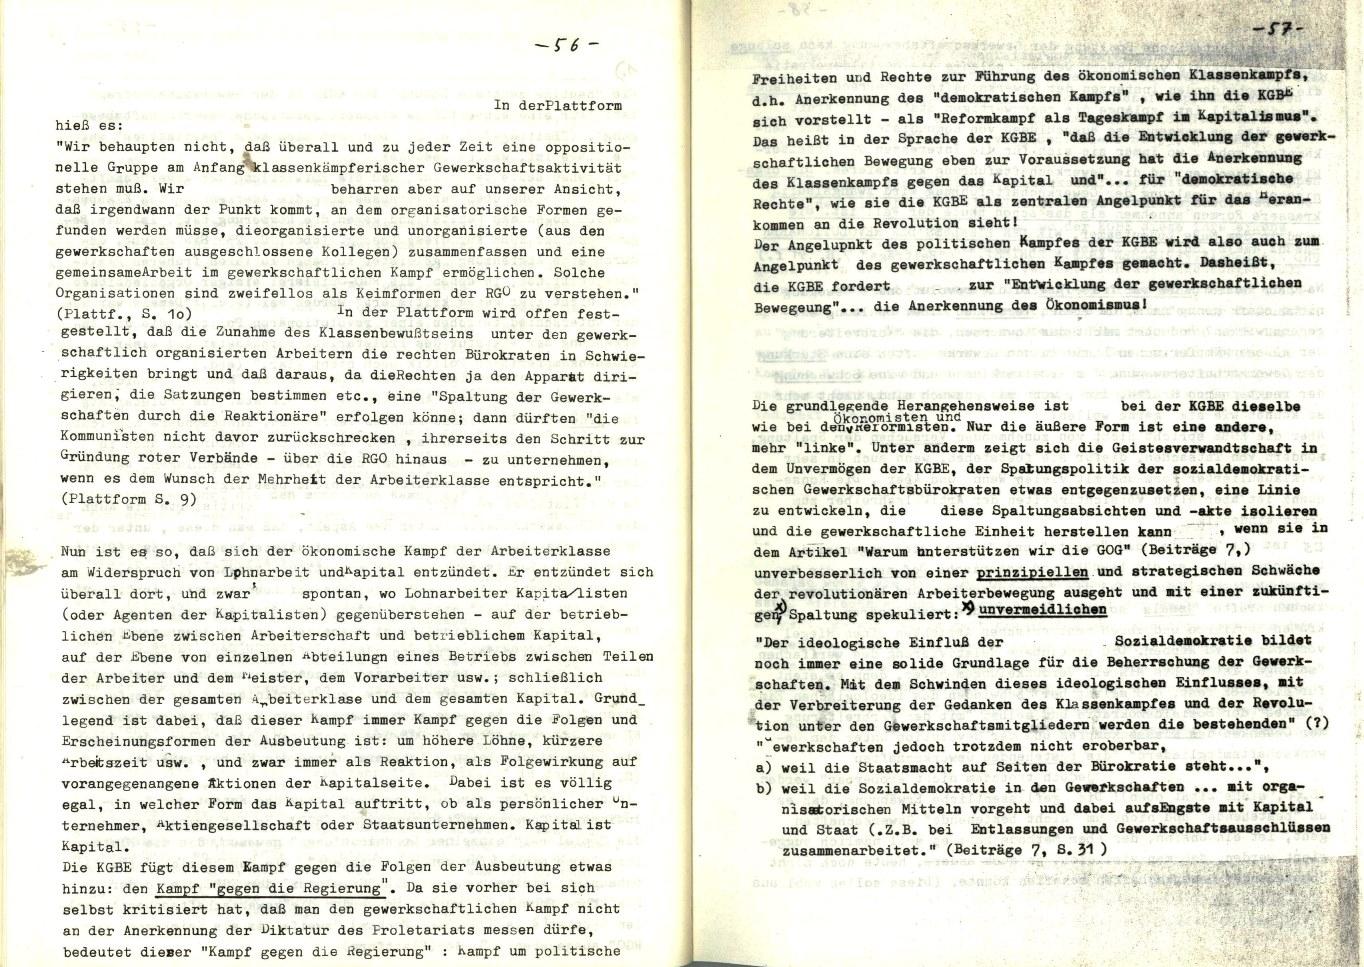 KGBE_Ehemalige_1977_Kritik_an_der_KGBE_32